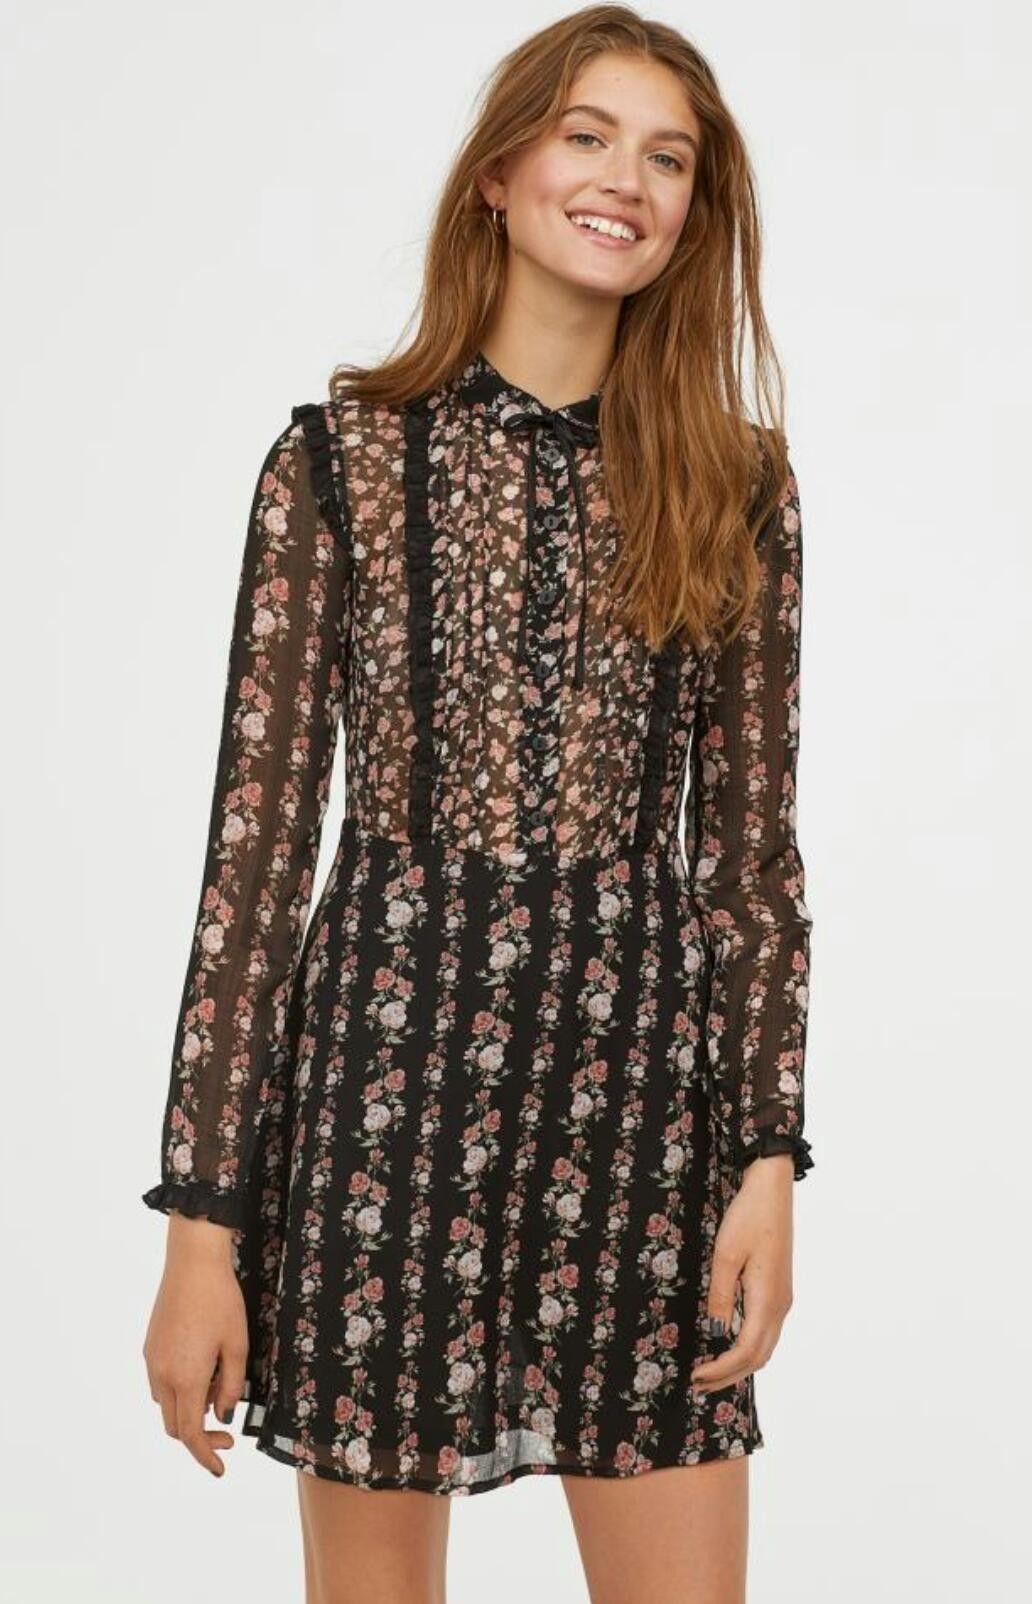 Kjempefin kjole fra H&M | FINN.no